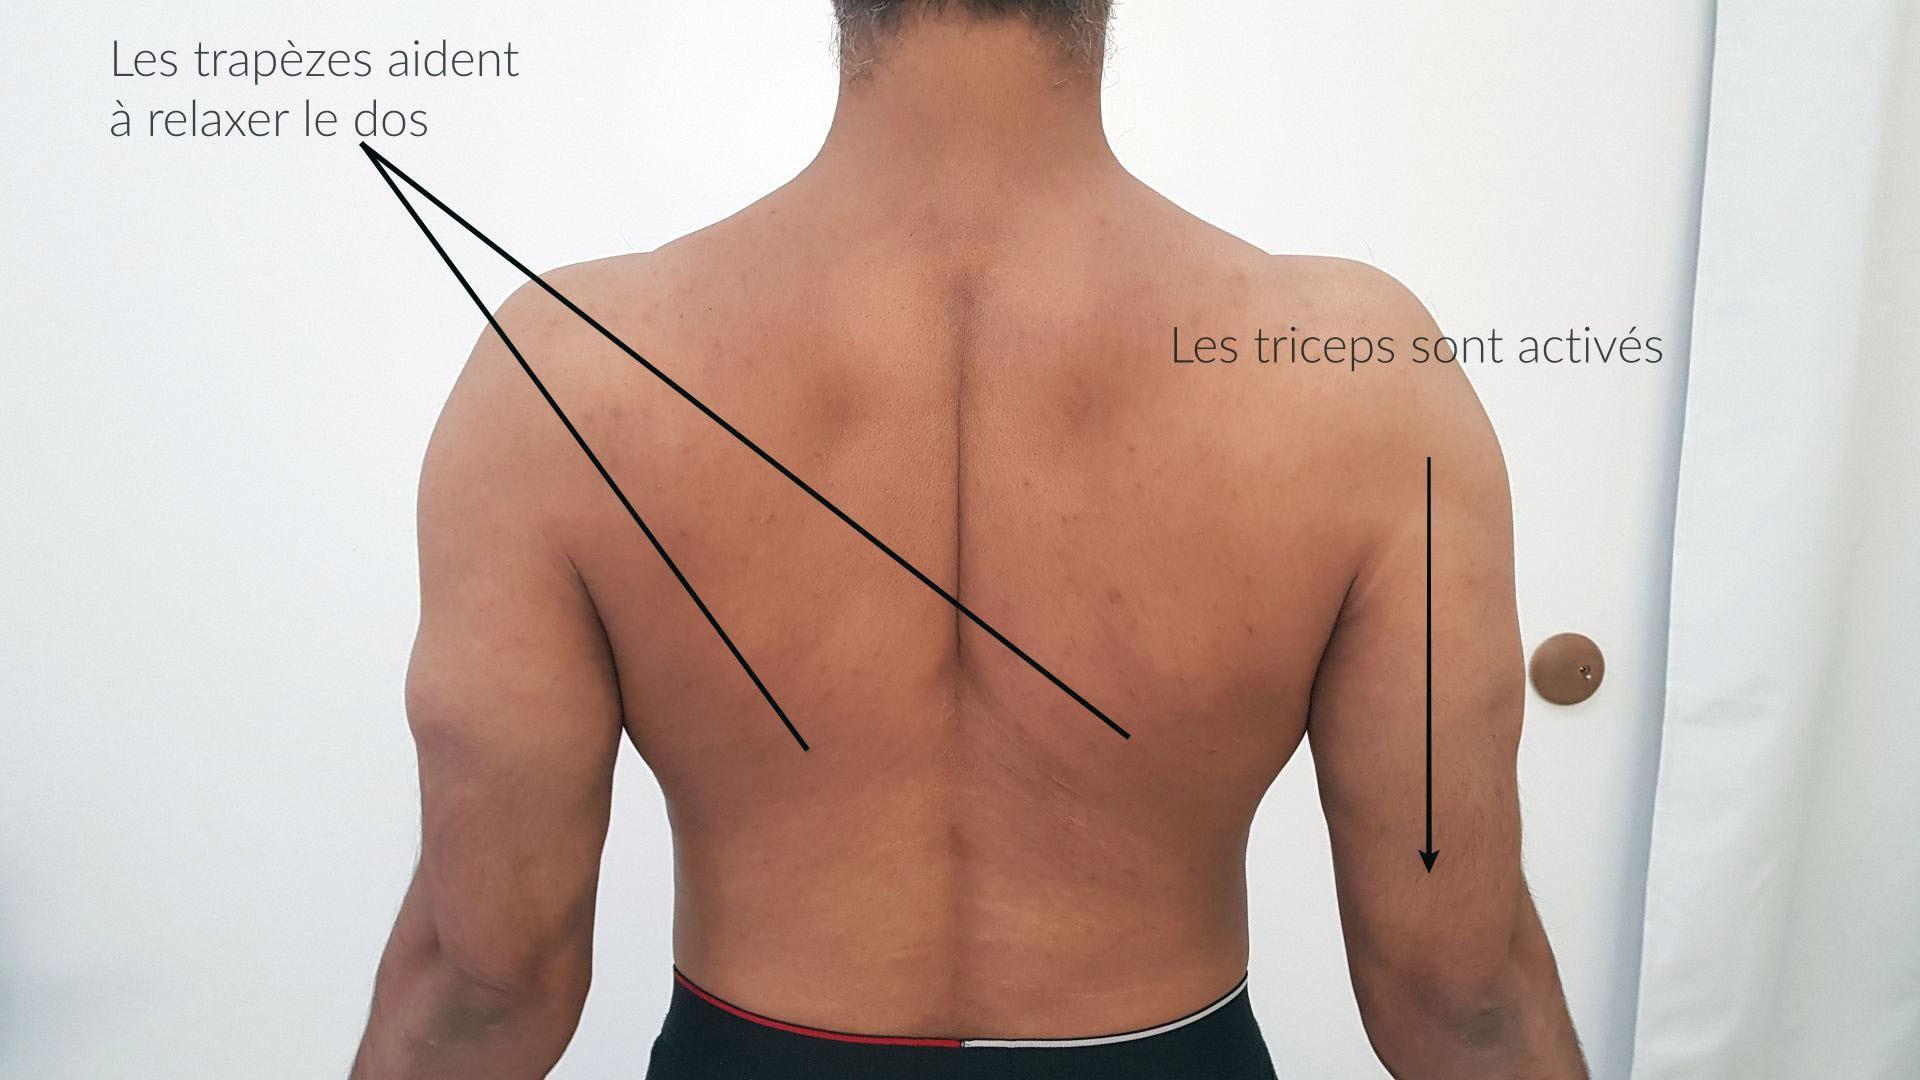 Activation du dos et triceps